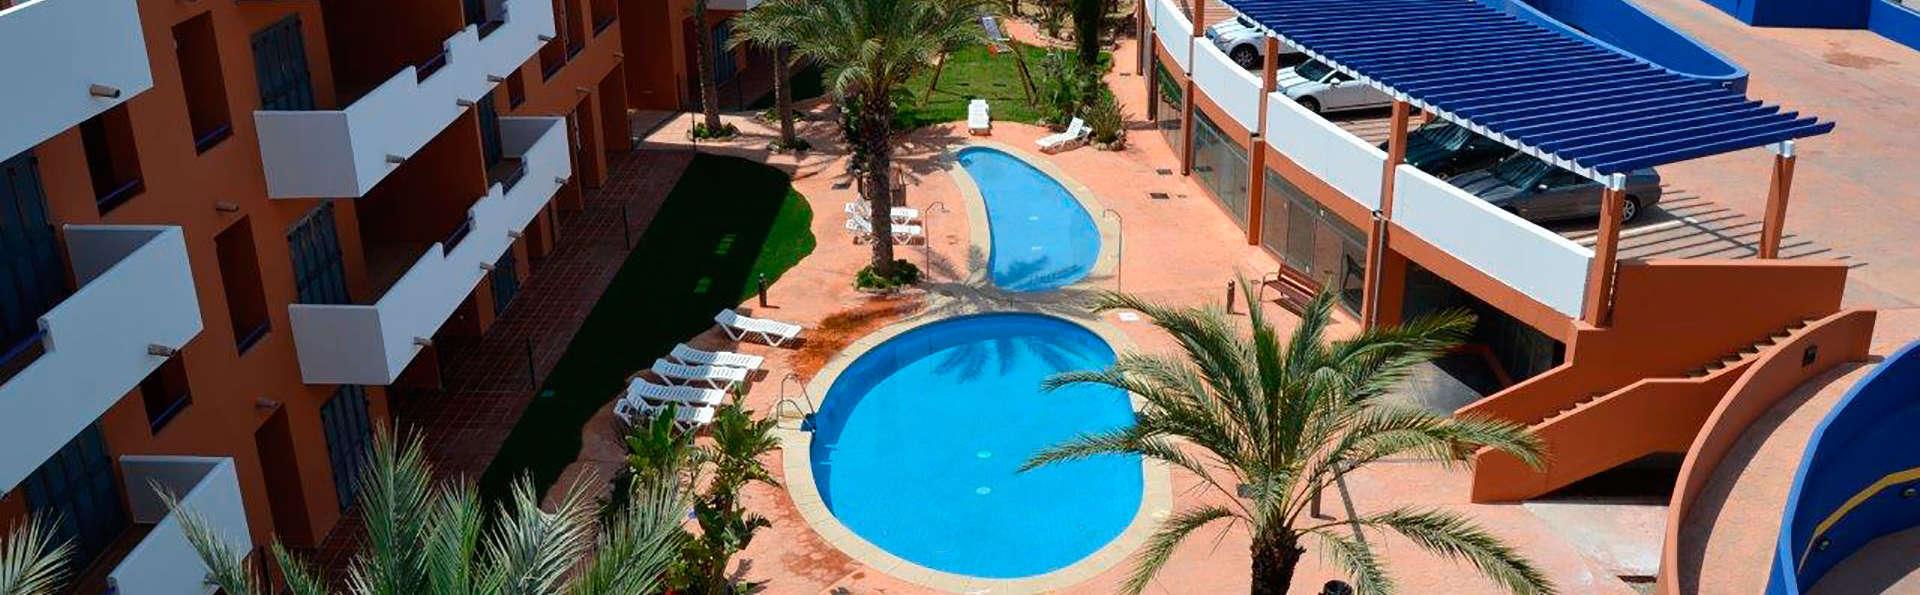 Apartamentos Turísticos Parque Tropical - EDIT_aerea.jpg